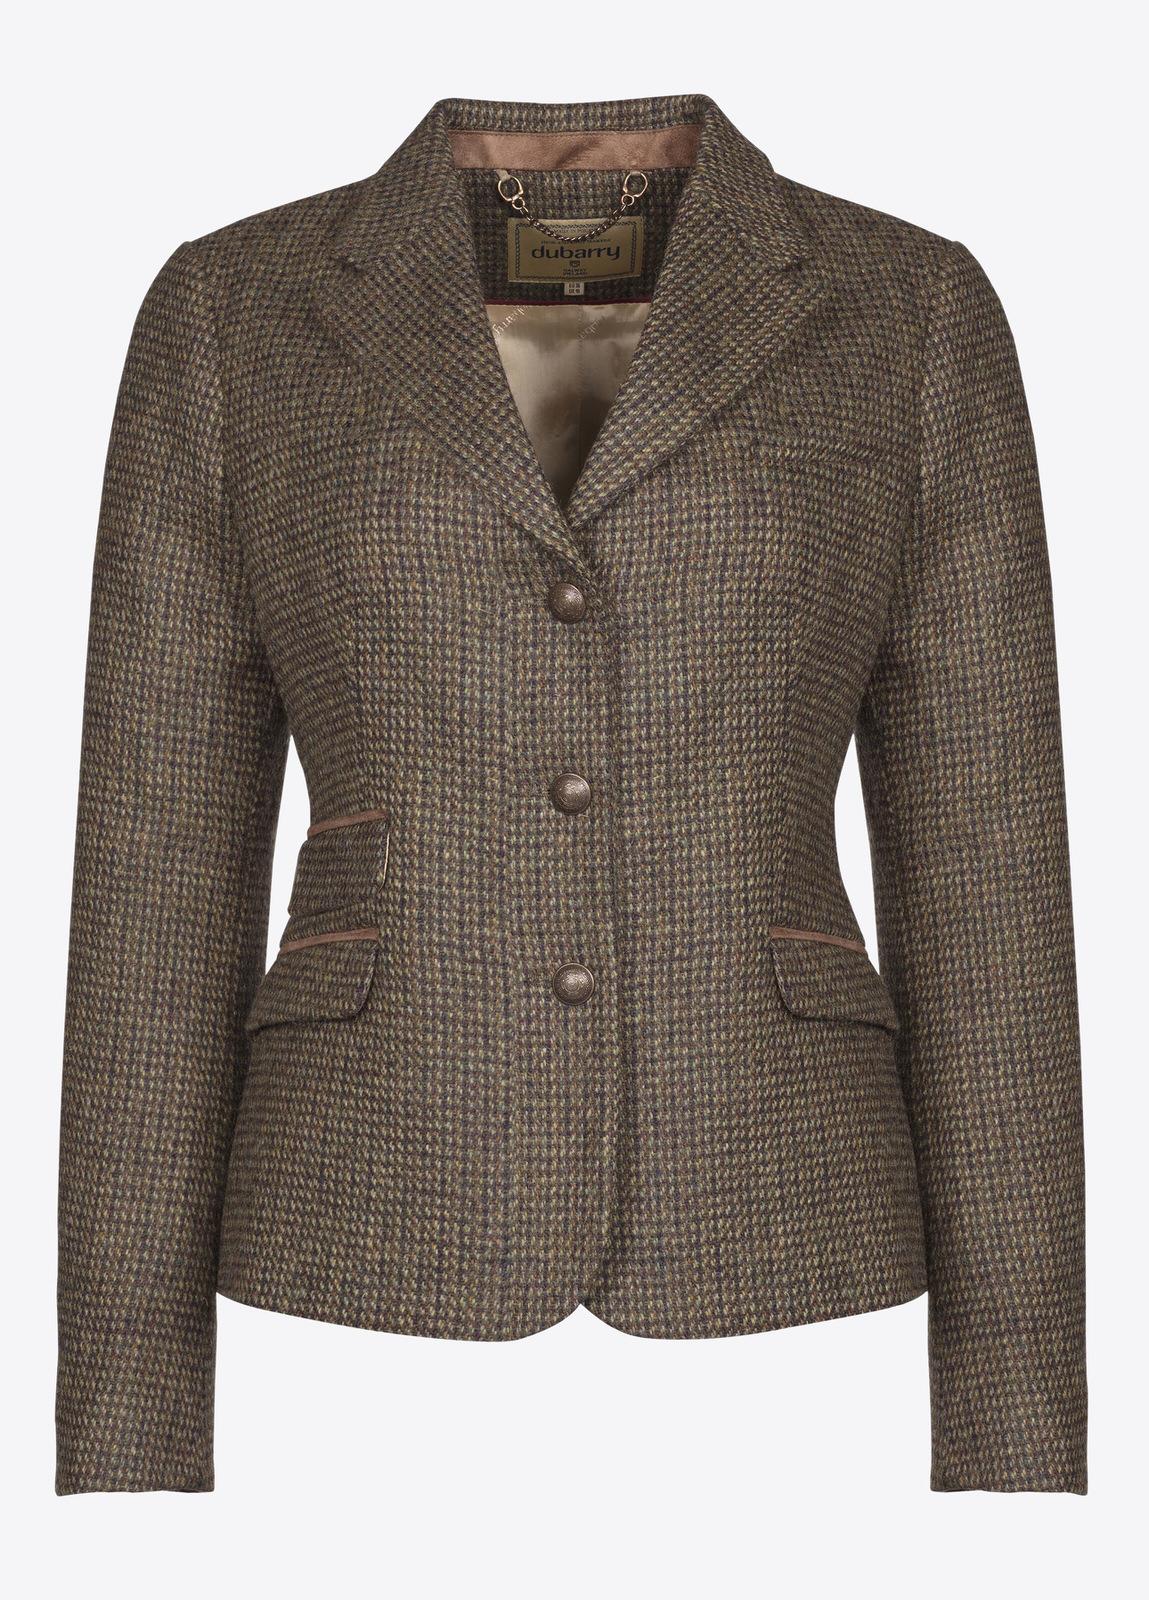 Buttercup Tweed Jacket - Heath